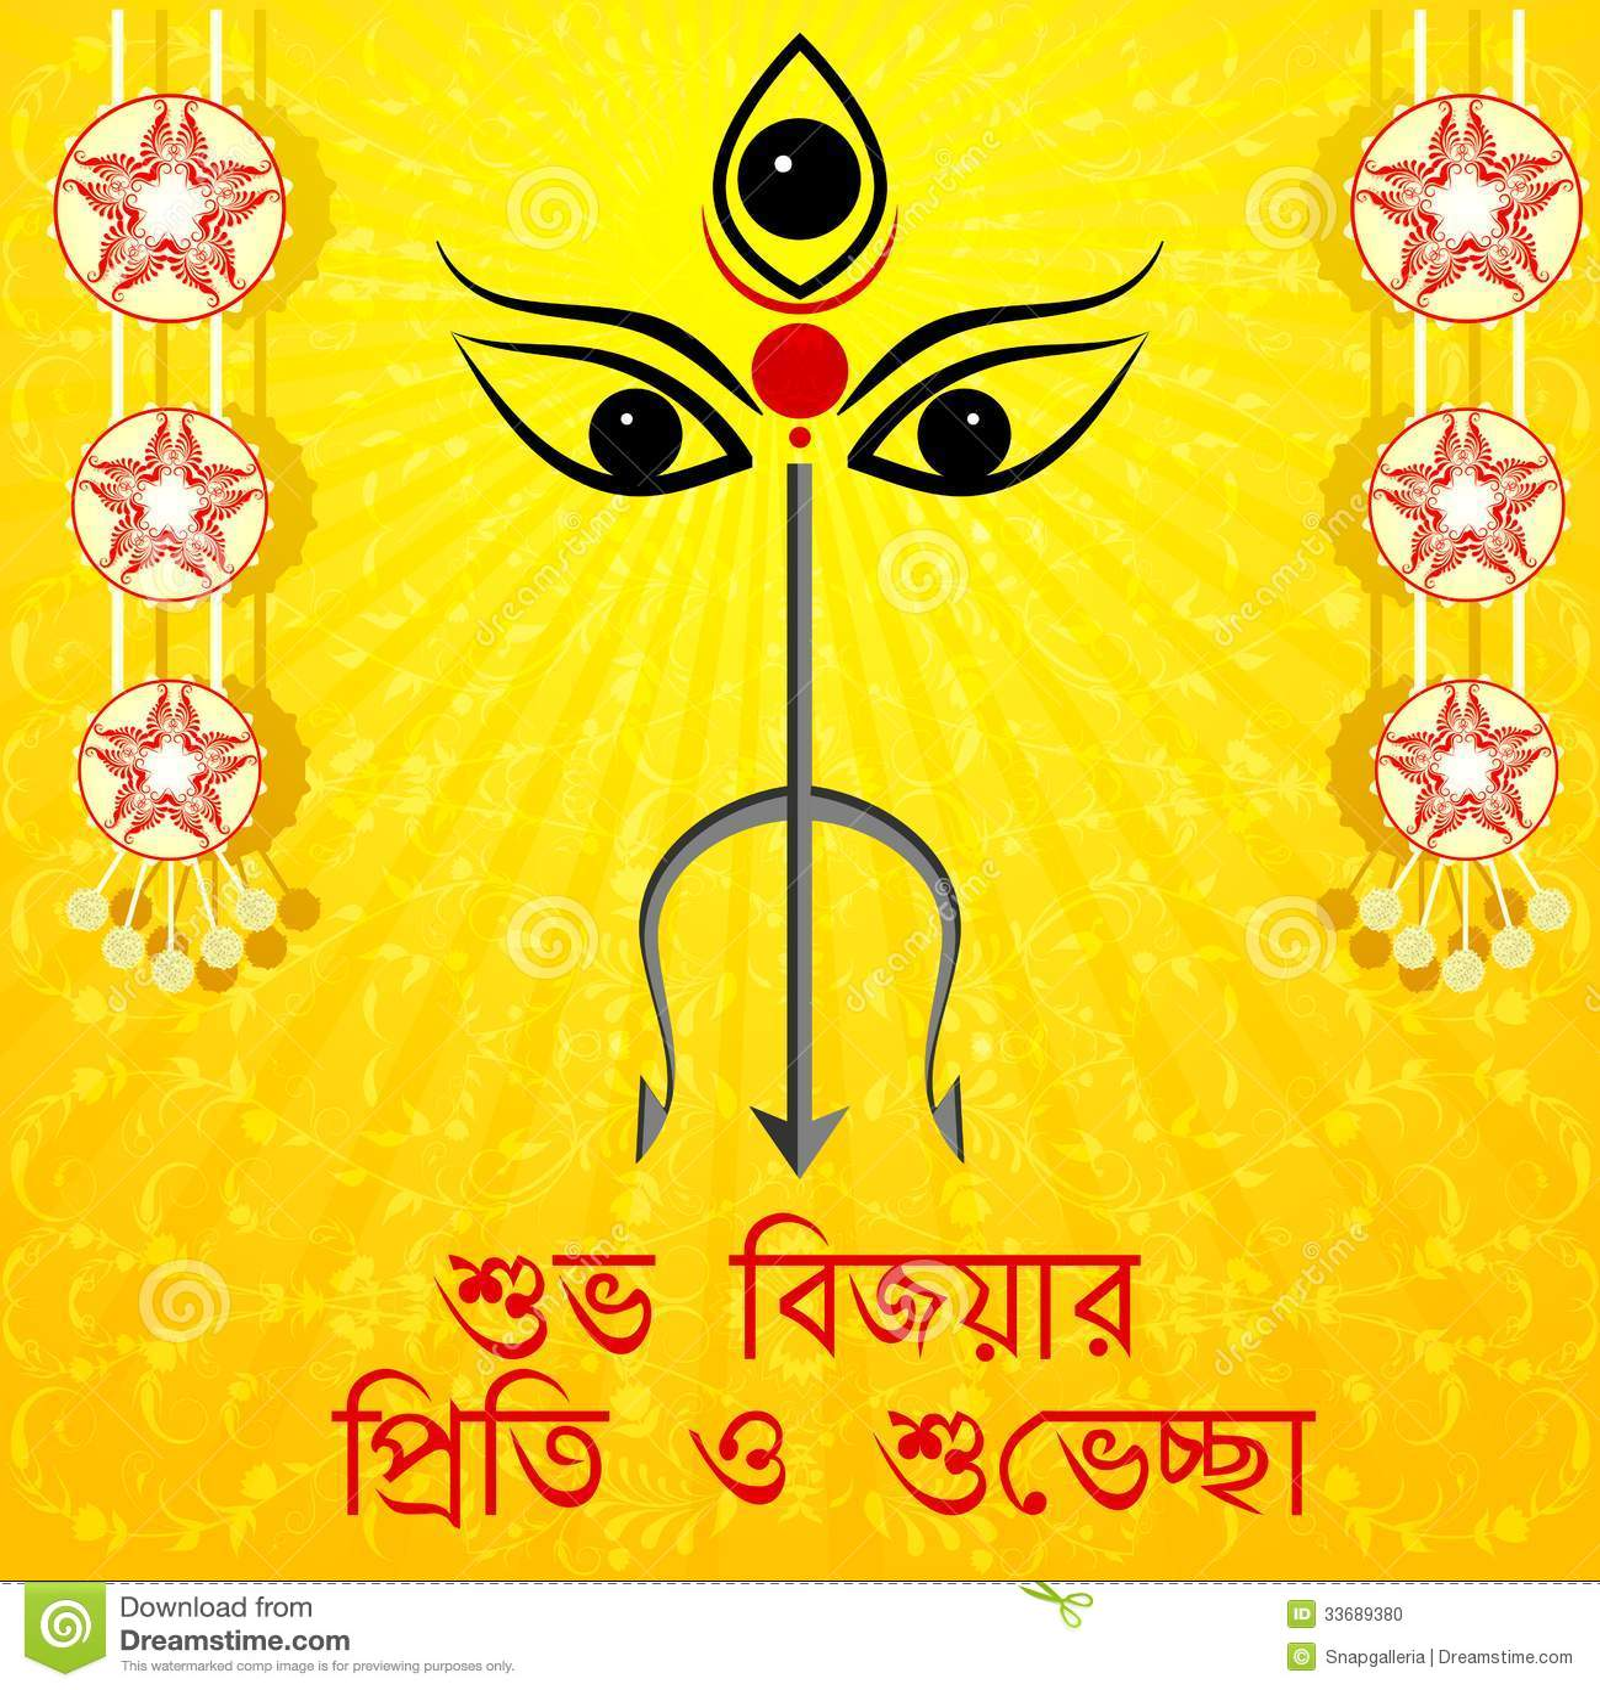 Happy Durga Puja Bijoya Dashami Stock Vector Illustration Of